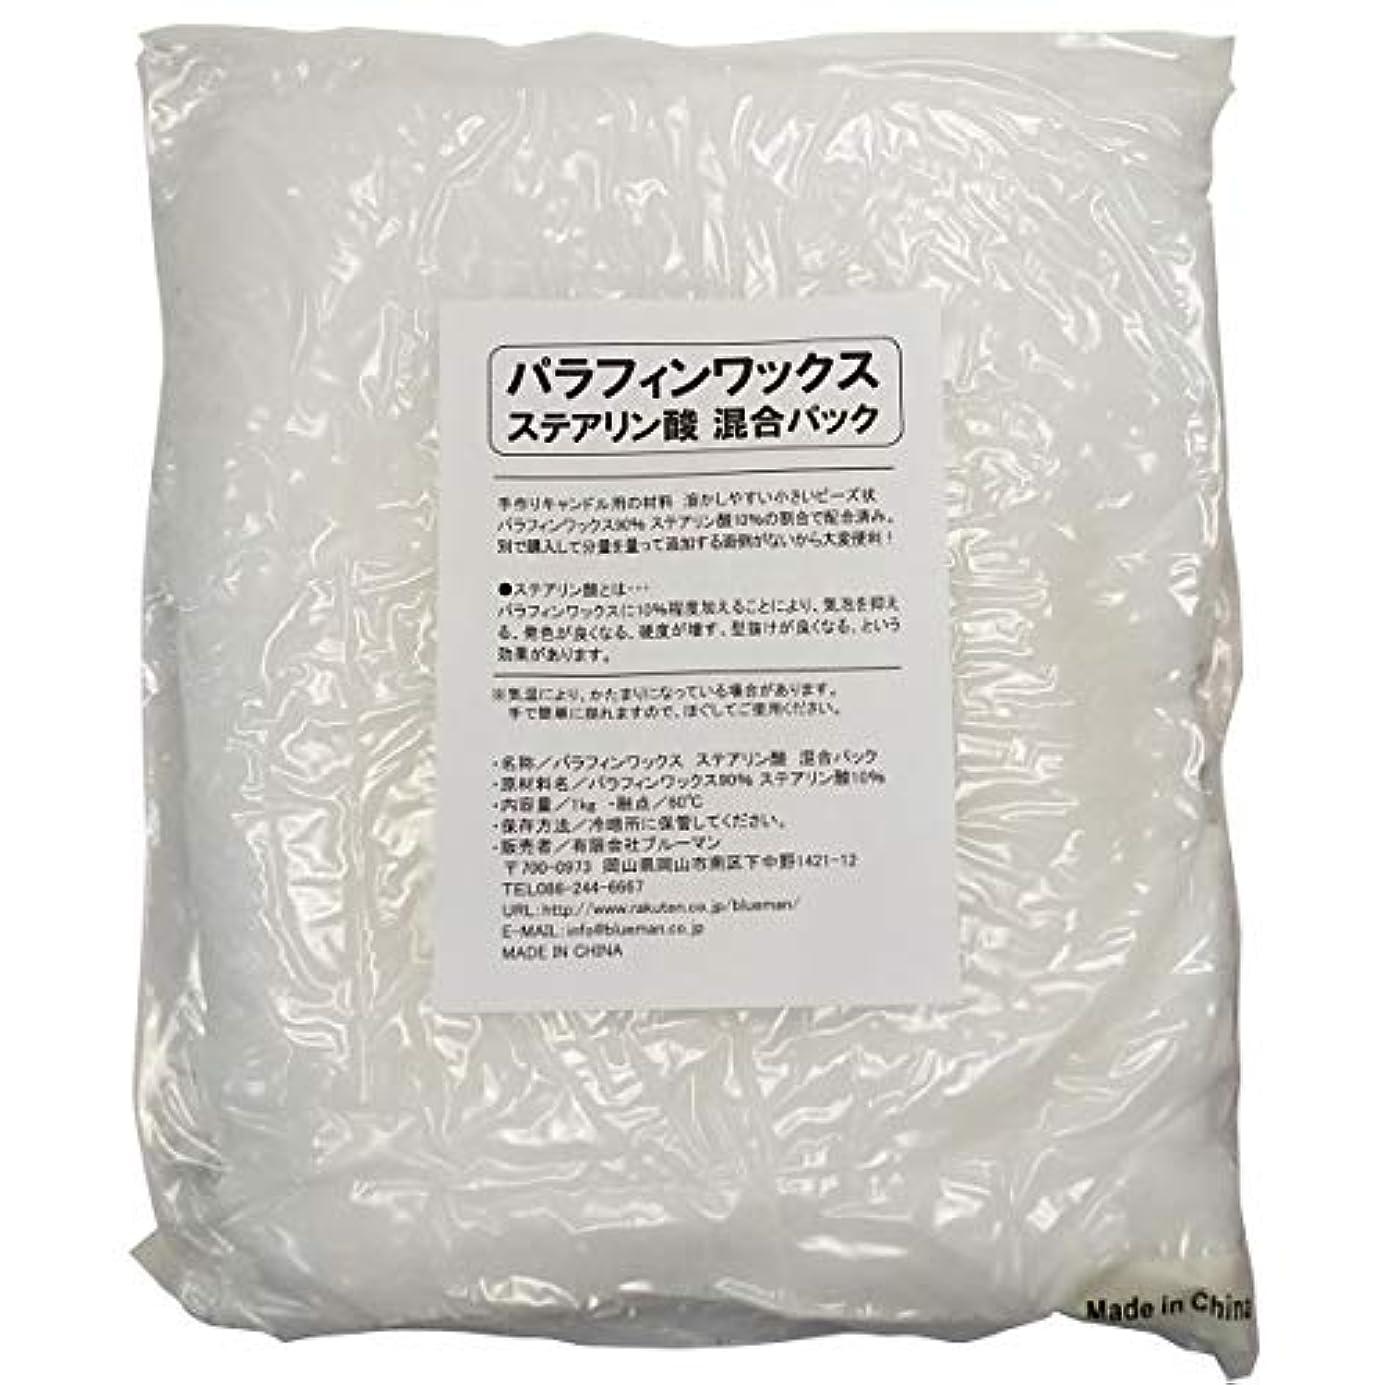 白鳥ライター呼びかけるパラフィンワックス ステアリン酸 混合パック 1kg 手作りキャンドル 材料 1キロ アロマワックスサシェ